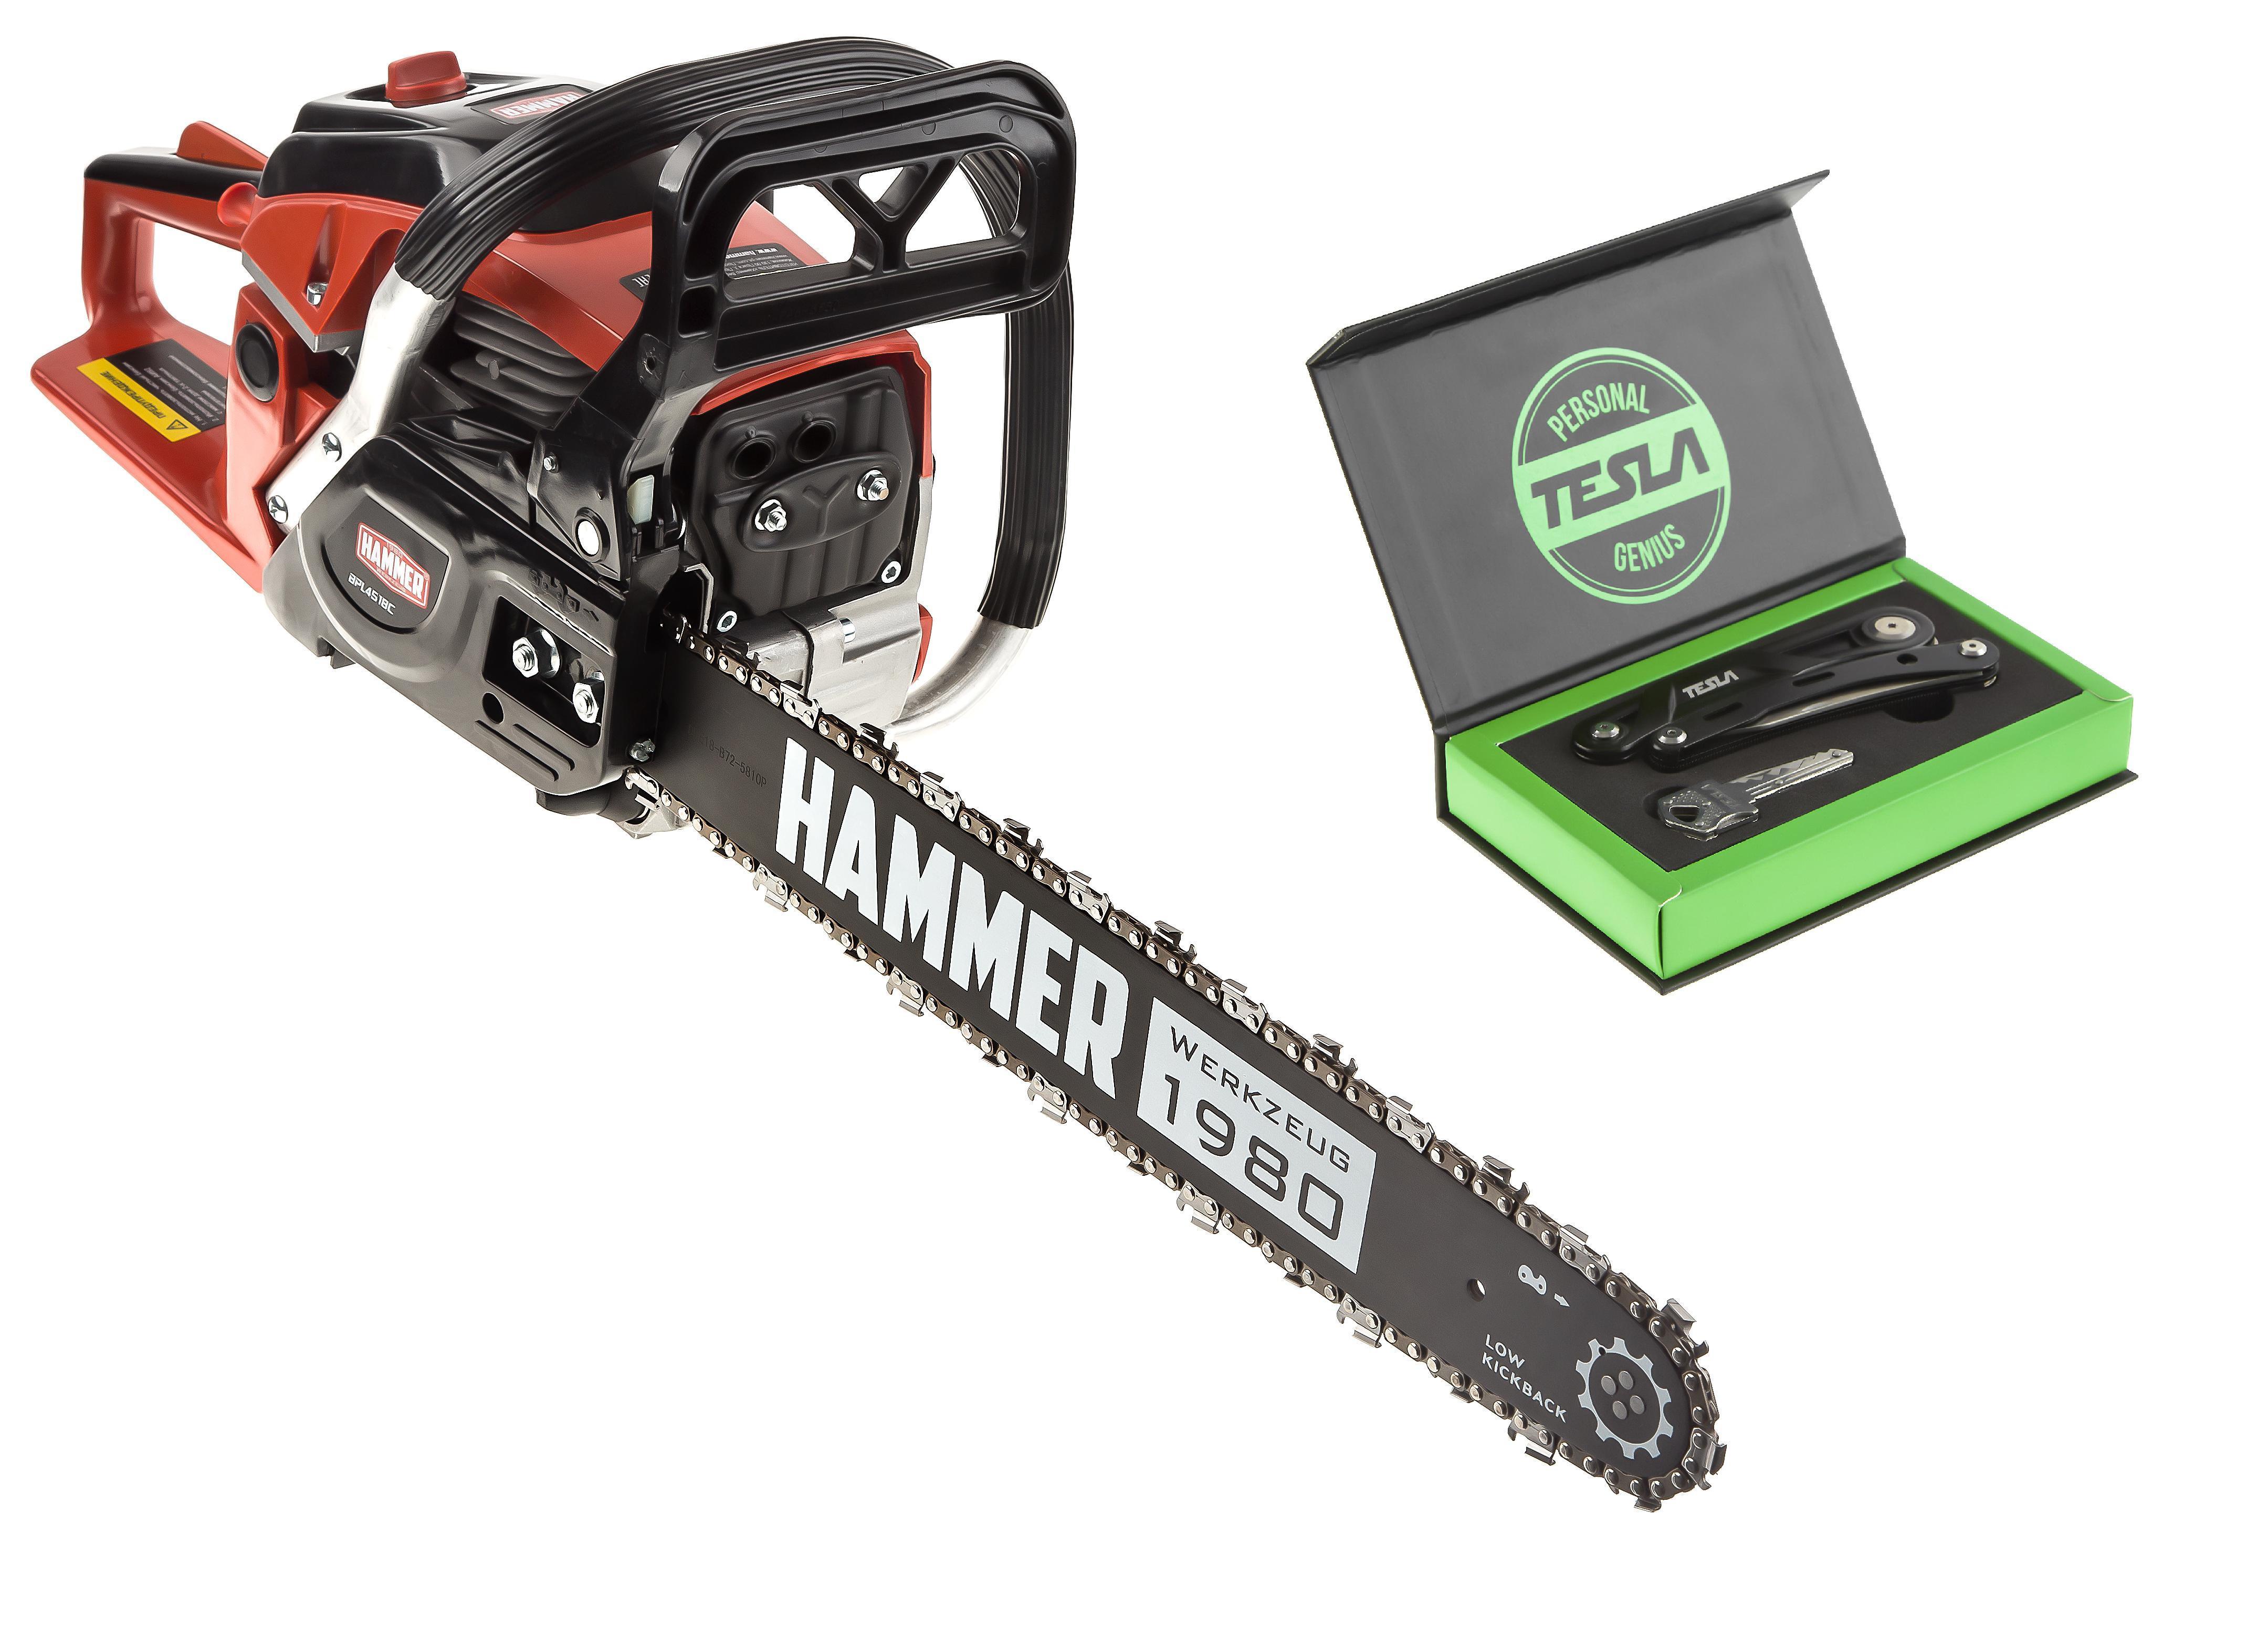 Набор Hammer Бензопила bpl4518c +Мультитул МТ-06 цена и фото